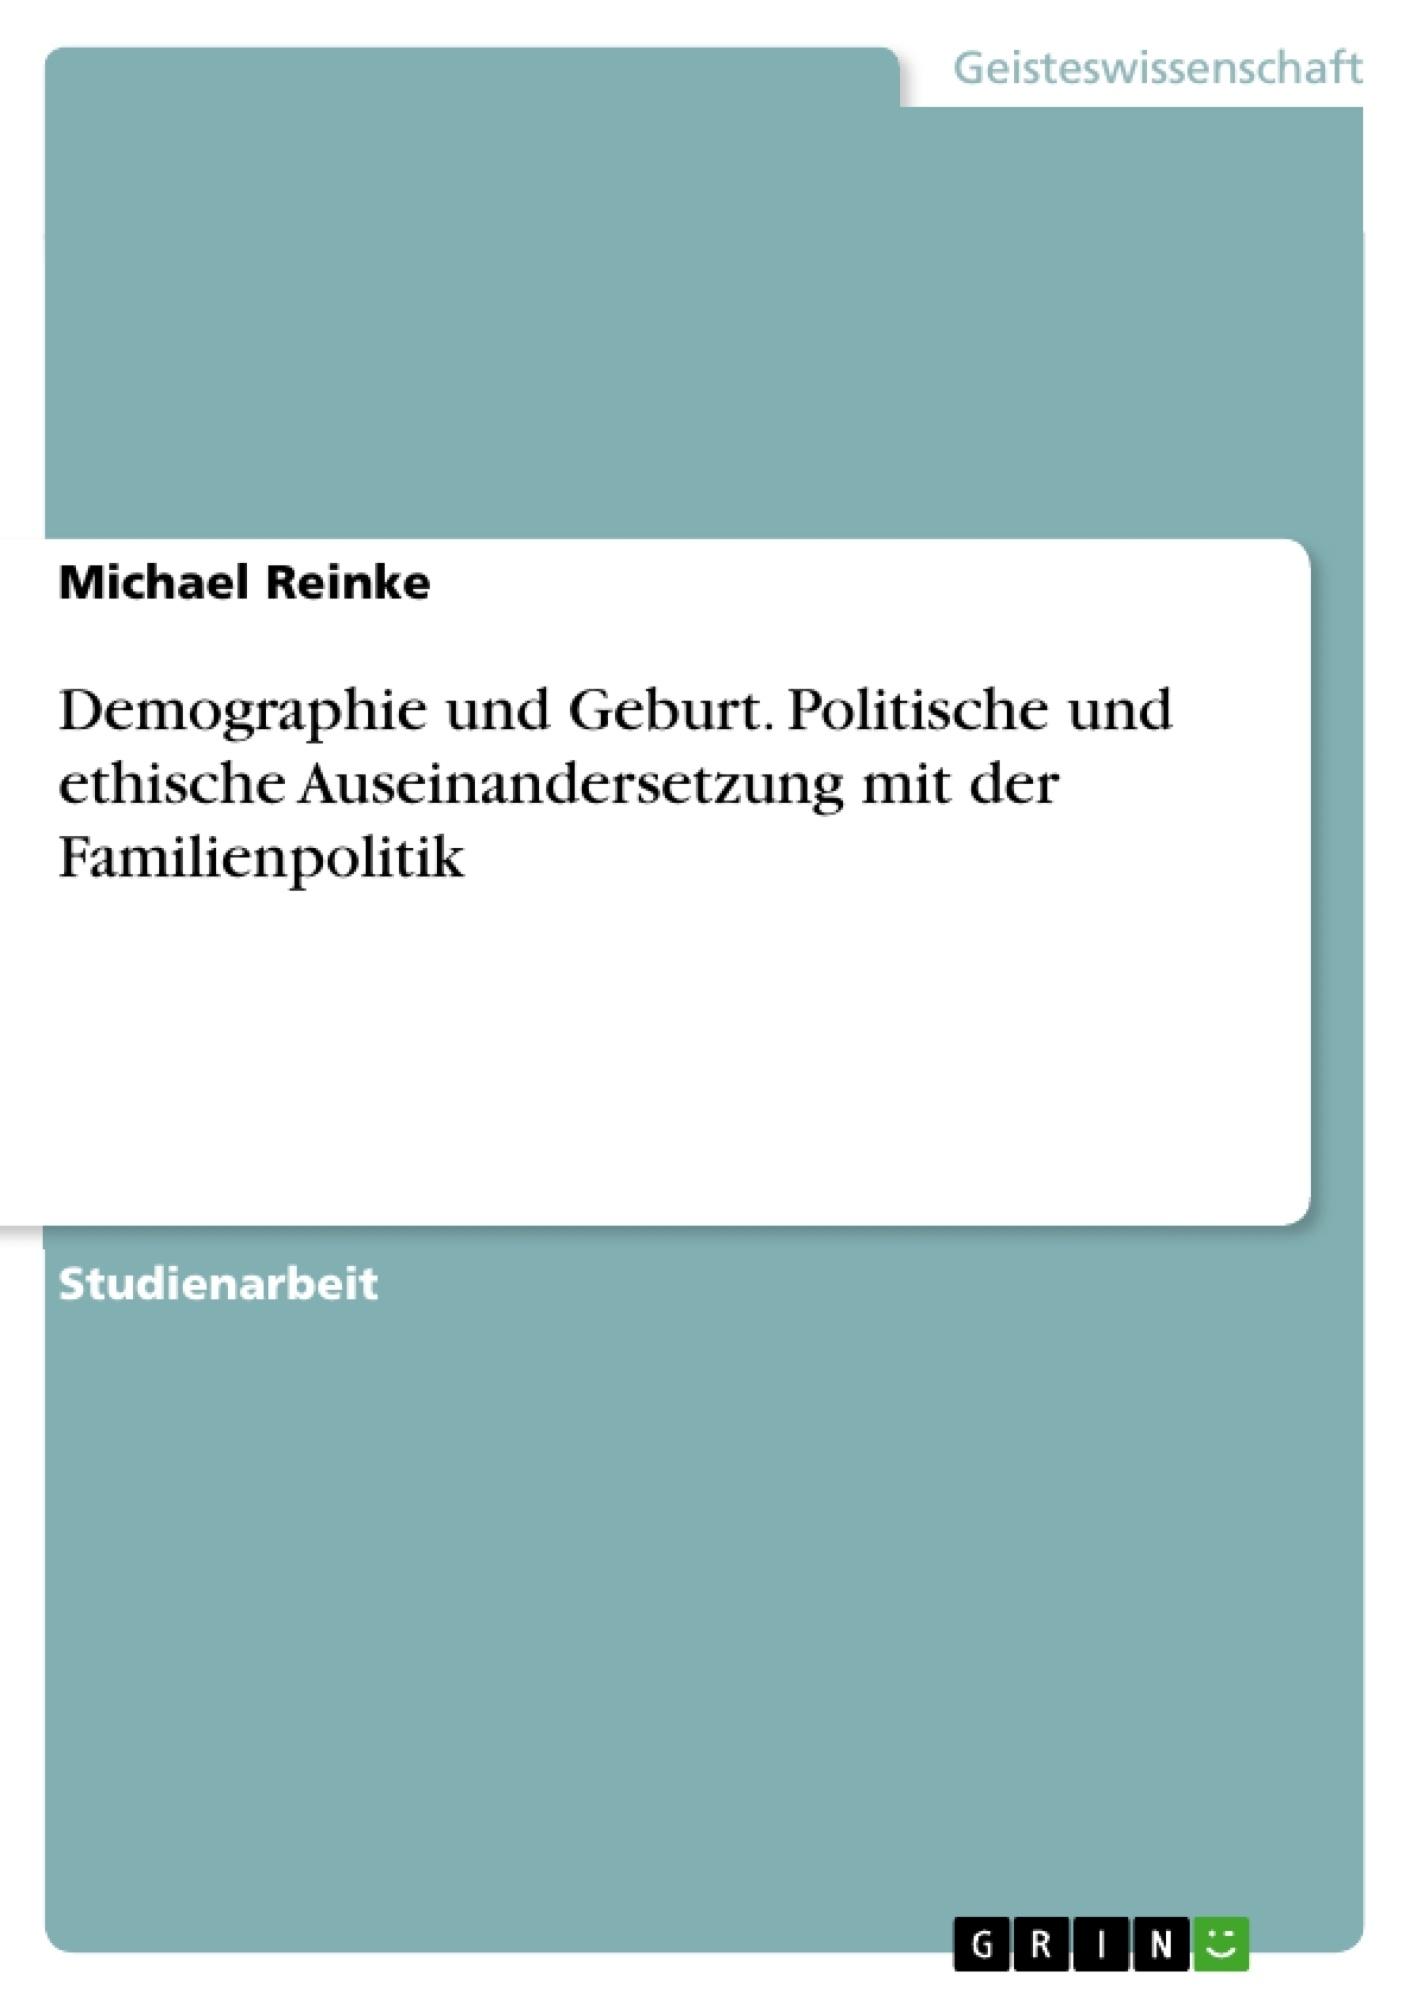 Titel: Demographie und Geburt. Politische und ethische Auseinandersetzung mit der Familienpolitik